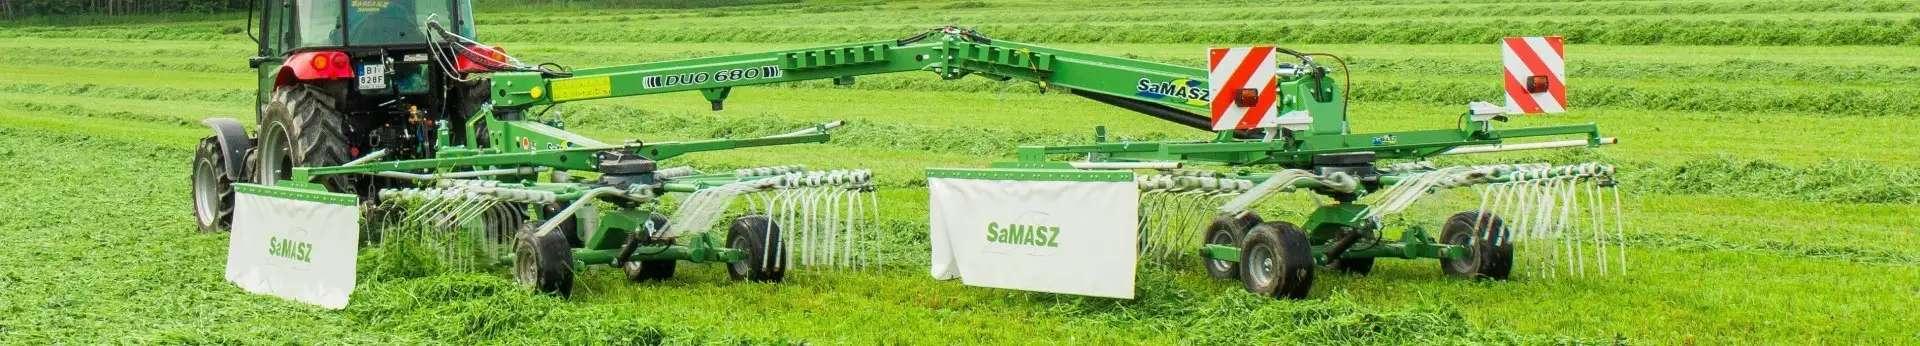 Zielona zgrabiarka zaczepiana 2-gwiazdowa DUO 680 firmy Samasz zaczepiona do czerwonego ciągnika zgrabia trawę na łące Korbanek.pl